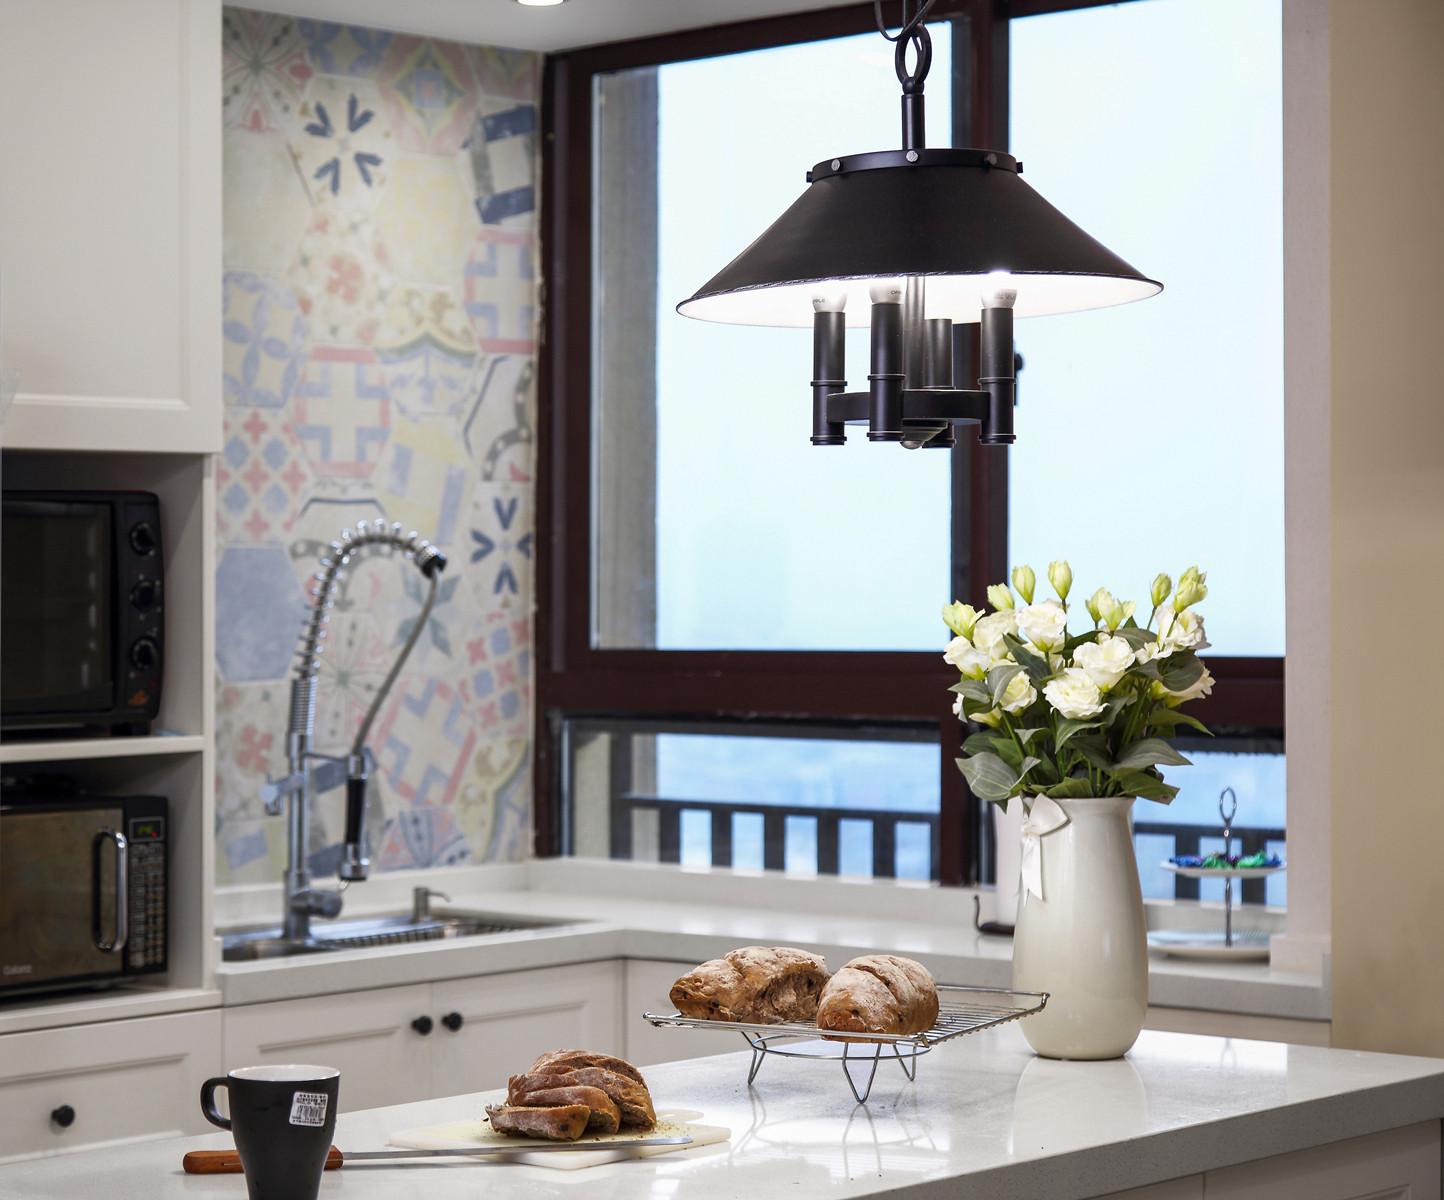 美式四房装修厨房吊灯图片